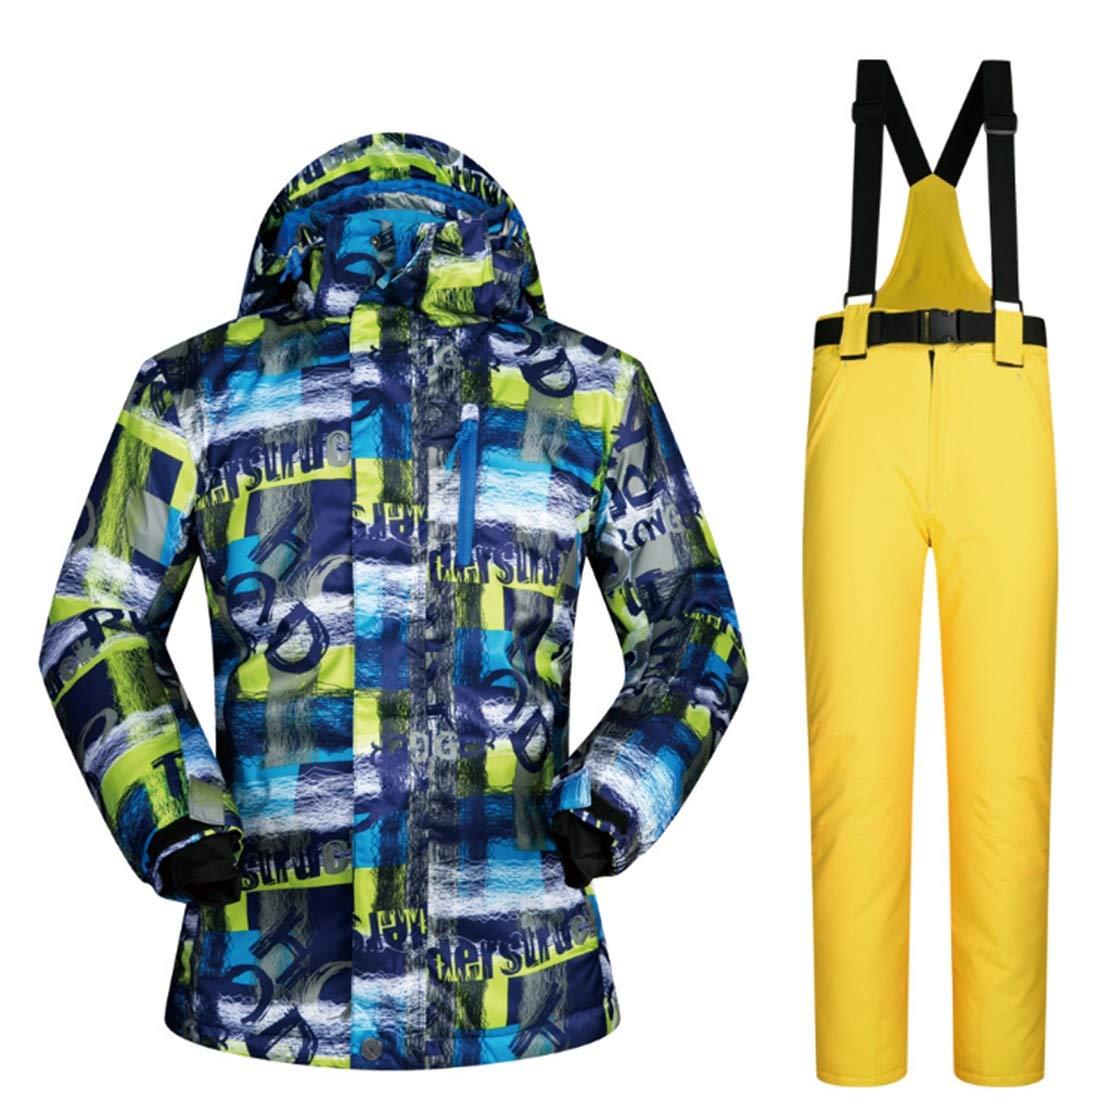 Klerokoh Set Set Set da Sci e Pantaloni Invernali da Uomo da Snowsuit Outdoor (Coloree   01, Dimensione   XL)B07KQ4XKRHXL 04 | Special Compro  | Cliente Al Primo  | Durevole  | Nuovo 2019  | Alta Qualità  | Colori vivaci  d5d19c